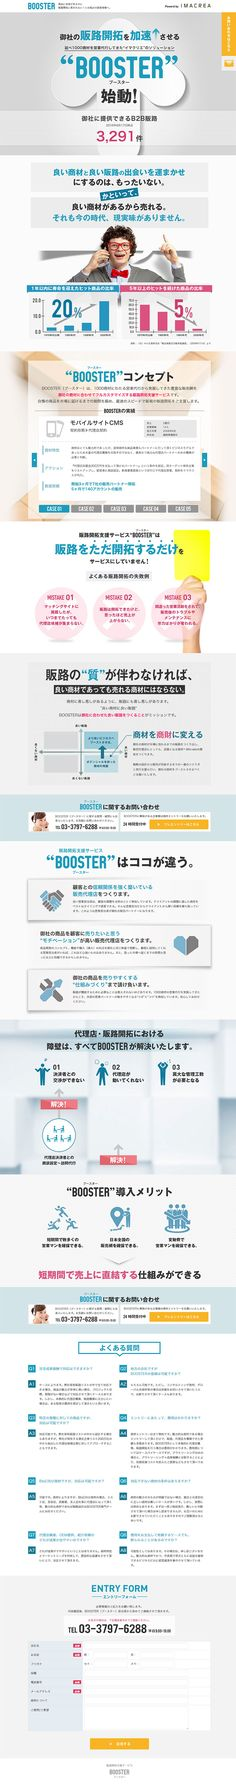 ランディングページ LP 販路開拓/販路拡大支援サービス BOOSTER(ブースター)|サービス|自社サイト